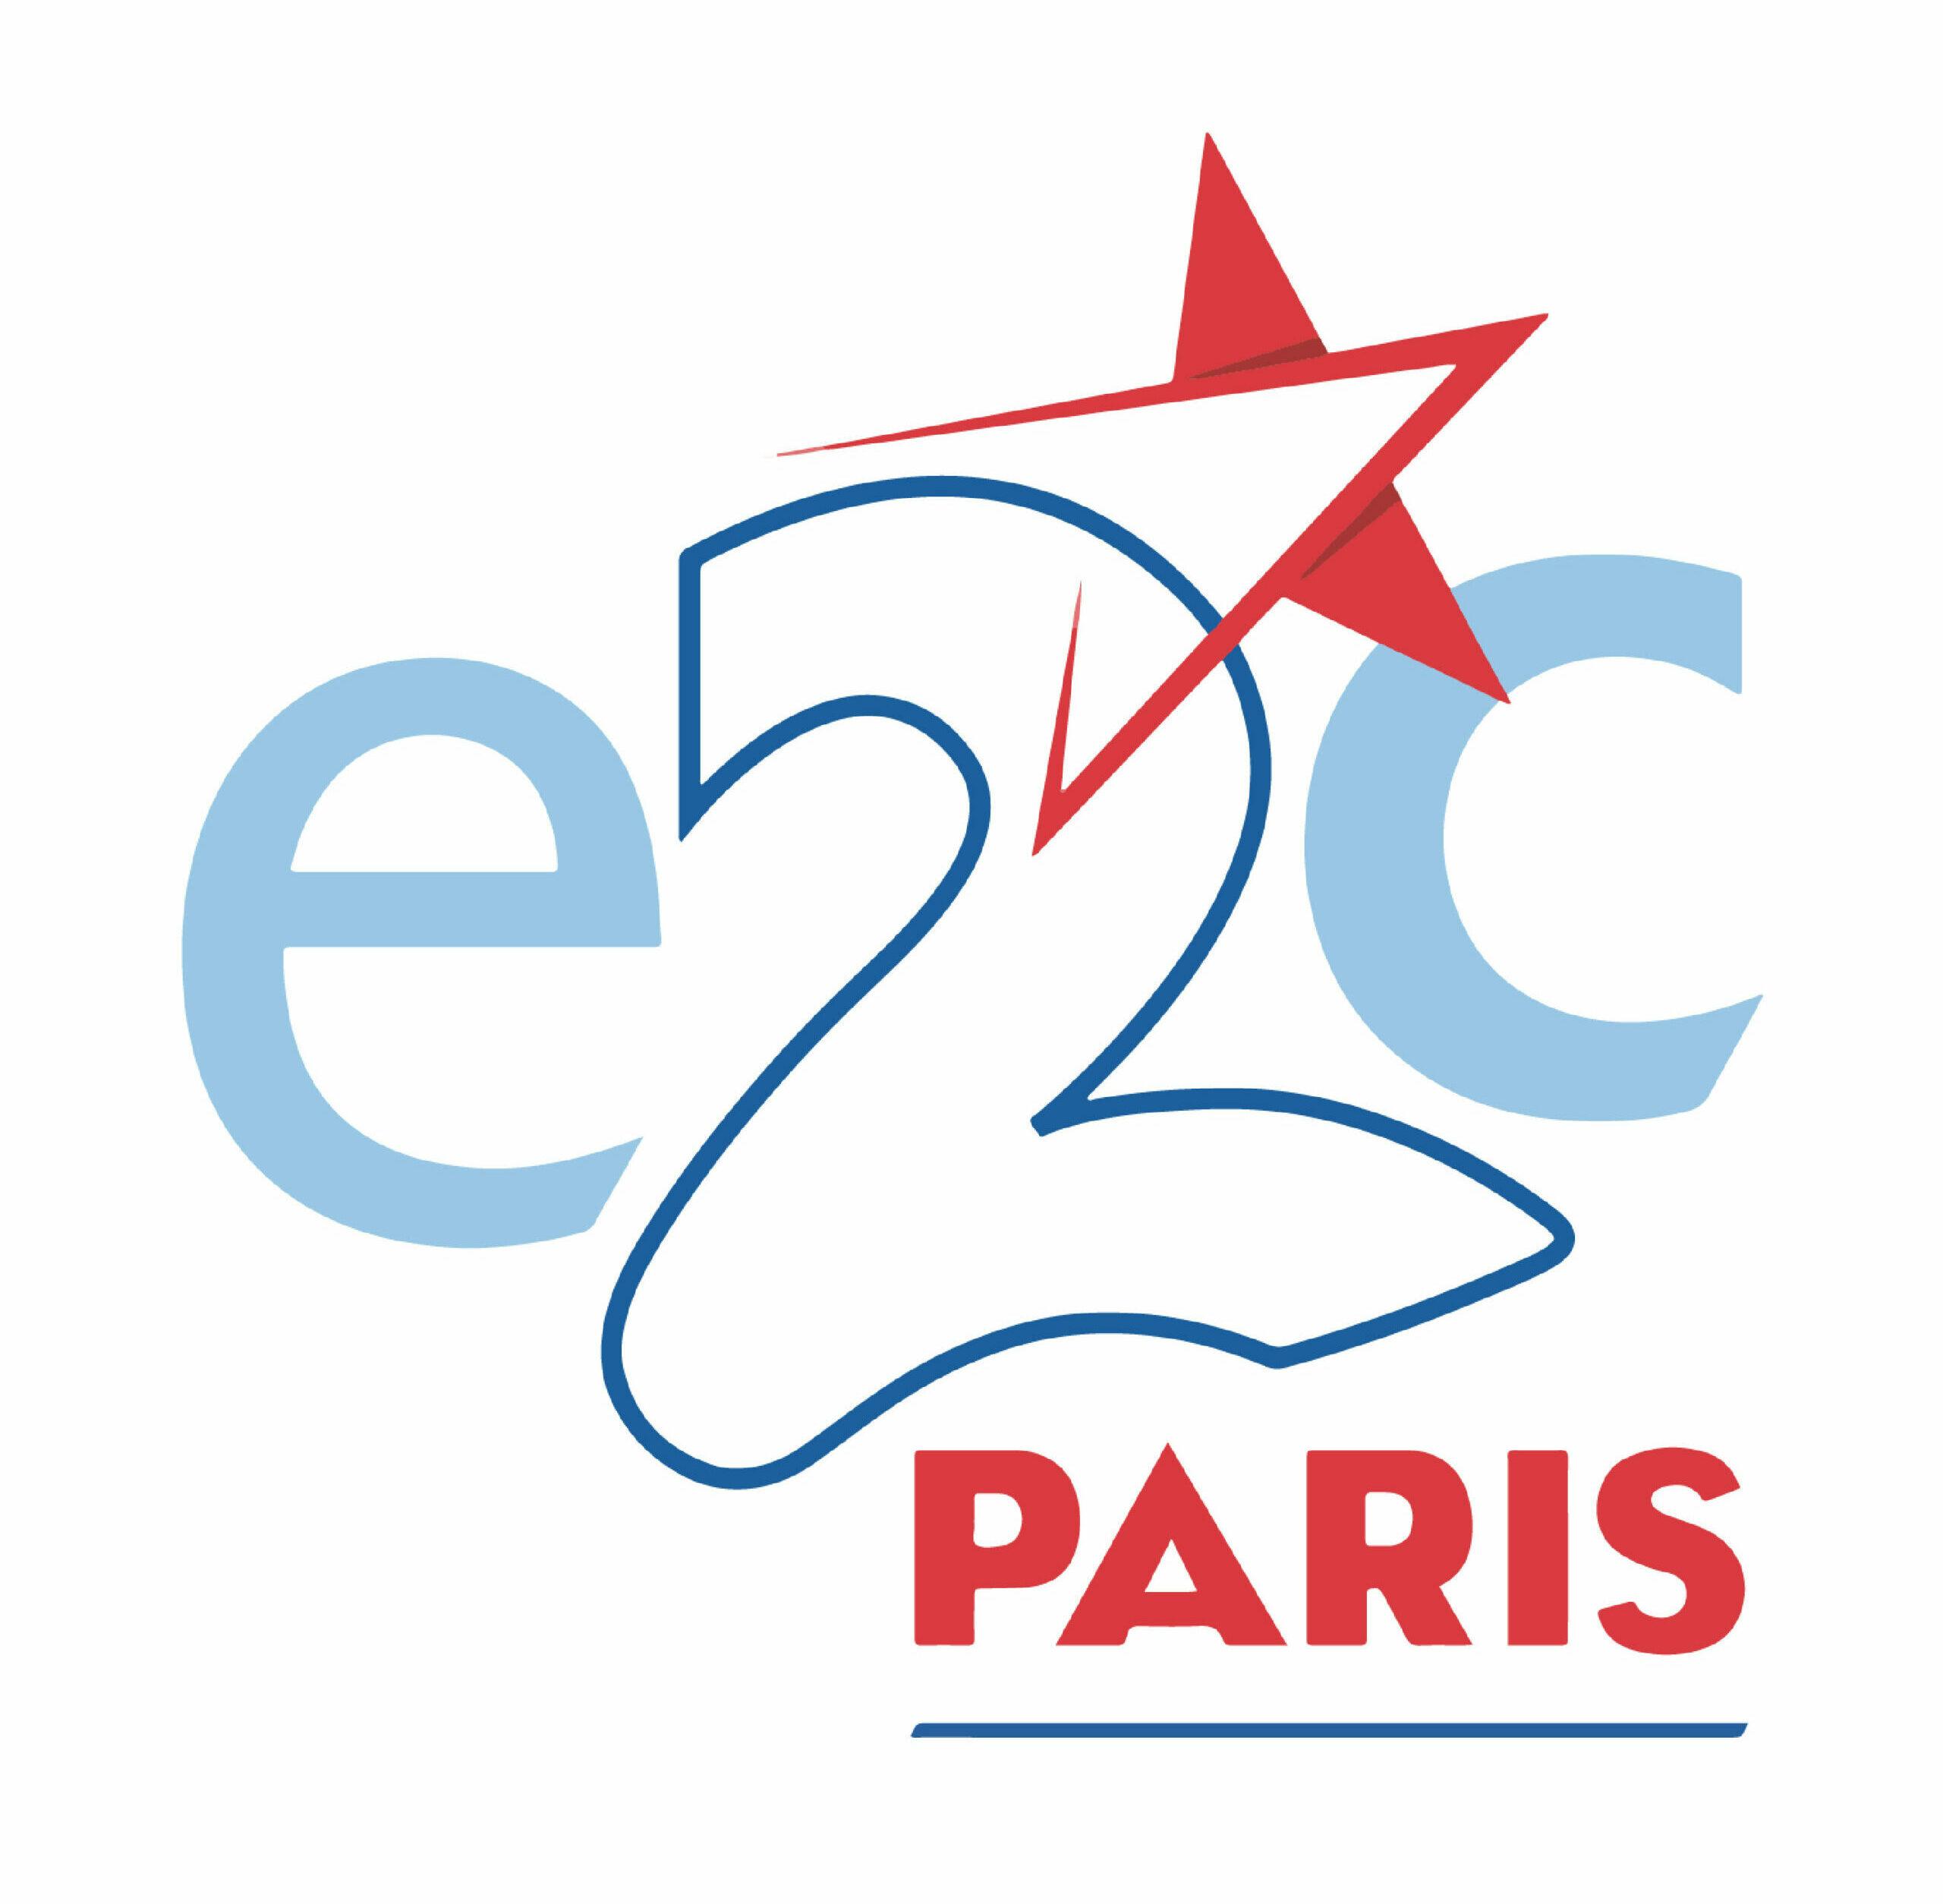 E2C Paris